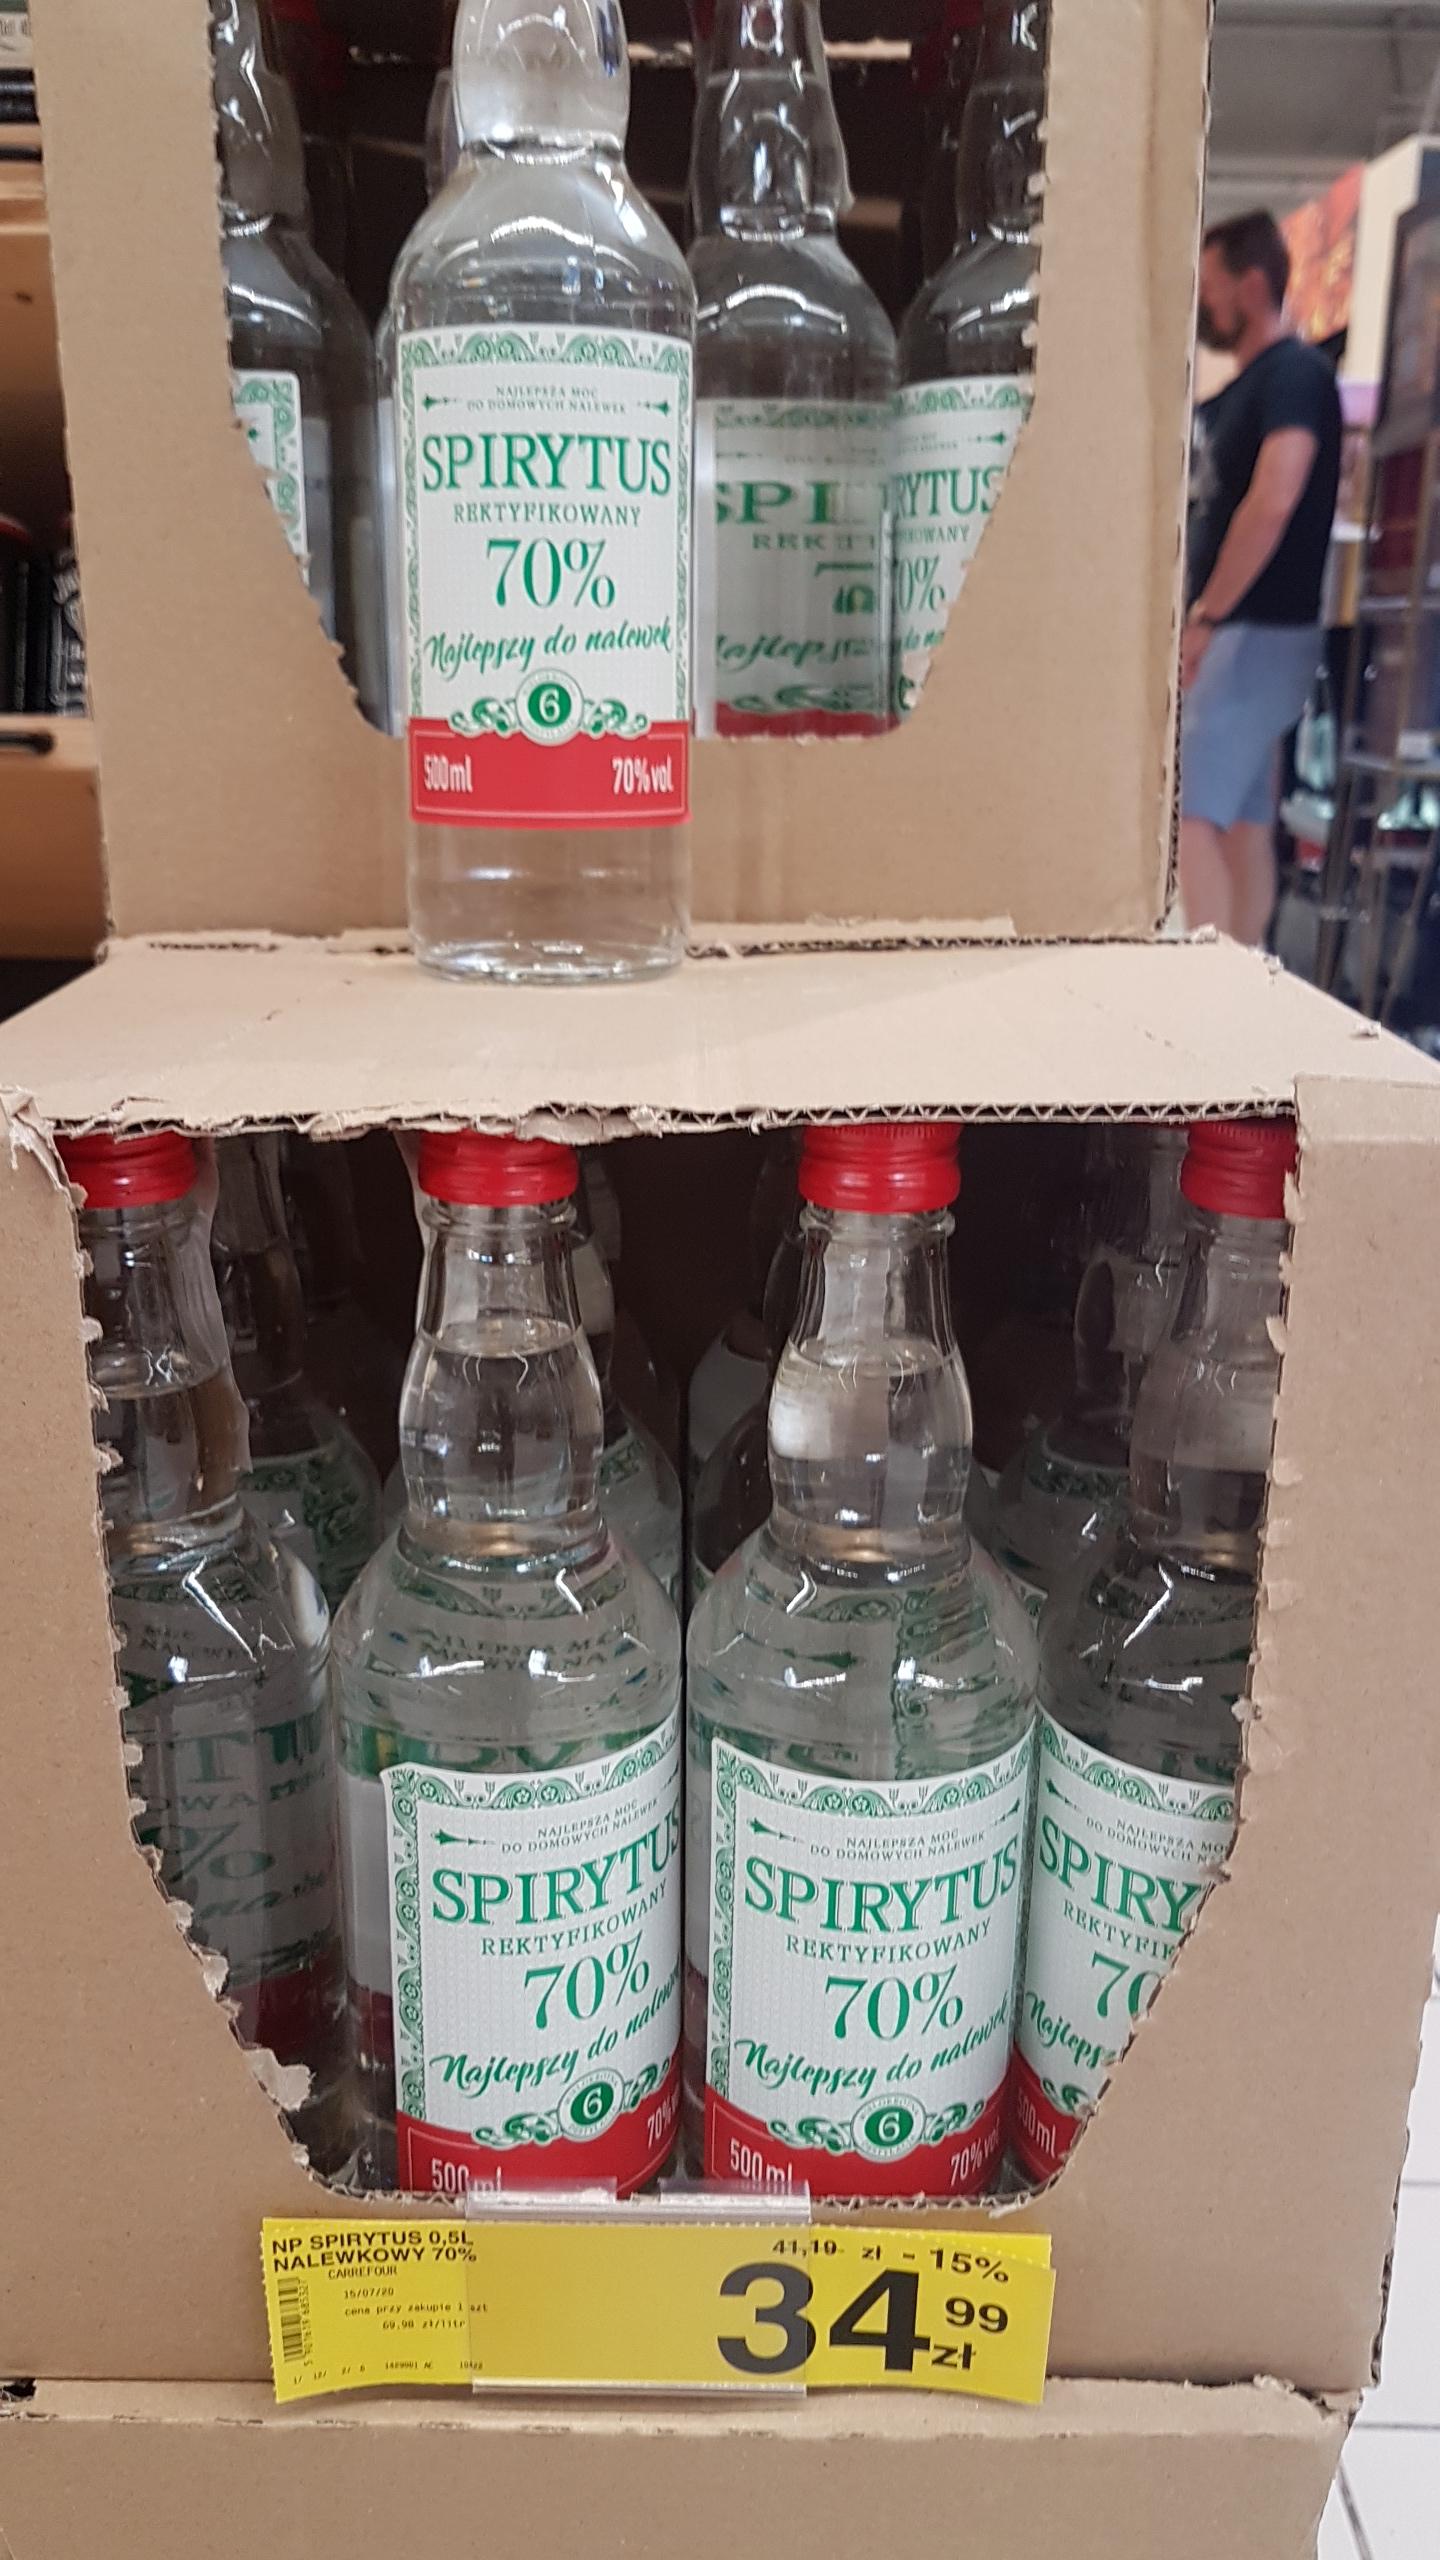 Spirytus rektyfikowany 0,5 l w Carrefour Toruń